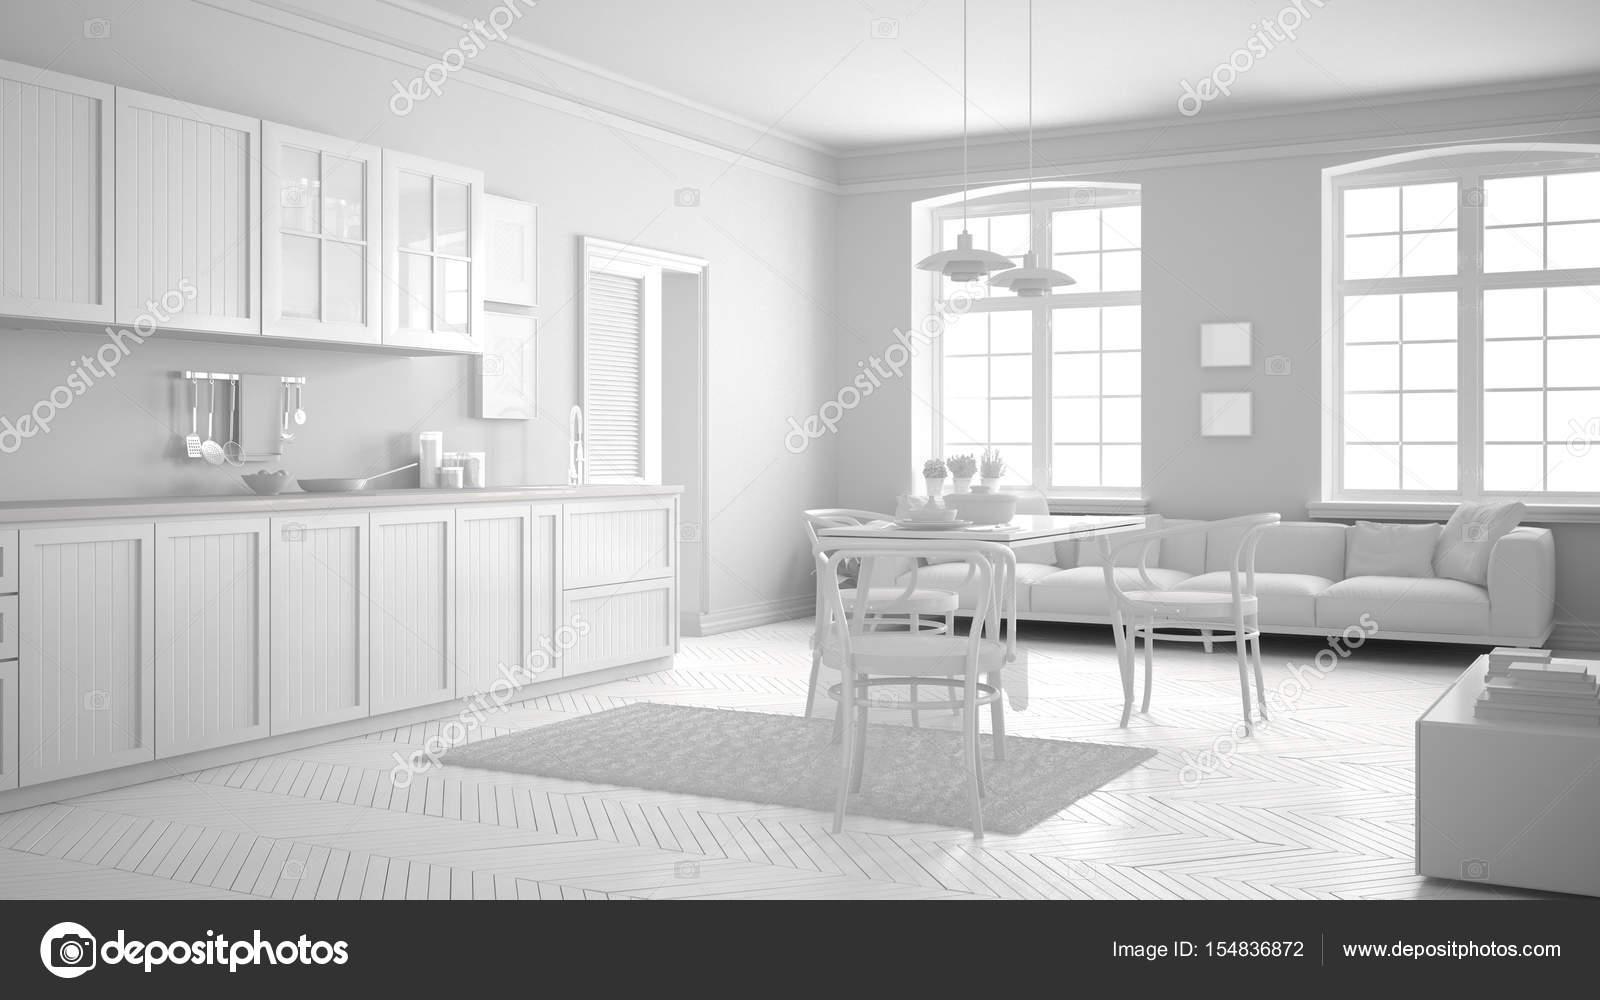 Totale witte scandinavische keuken minimalistisch interieur